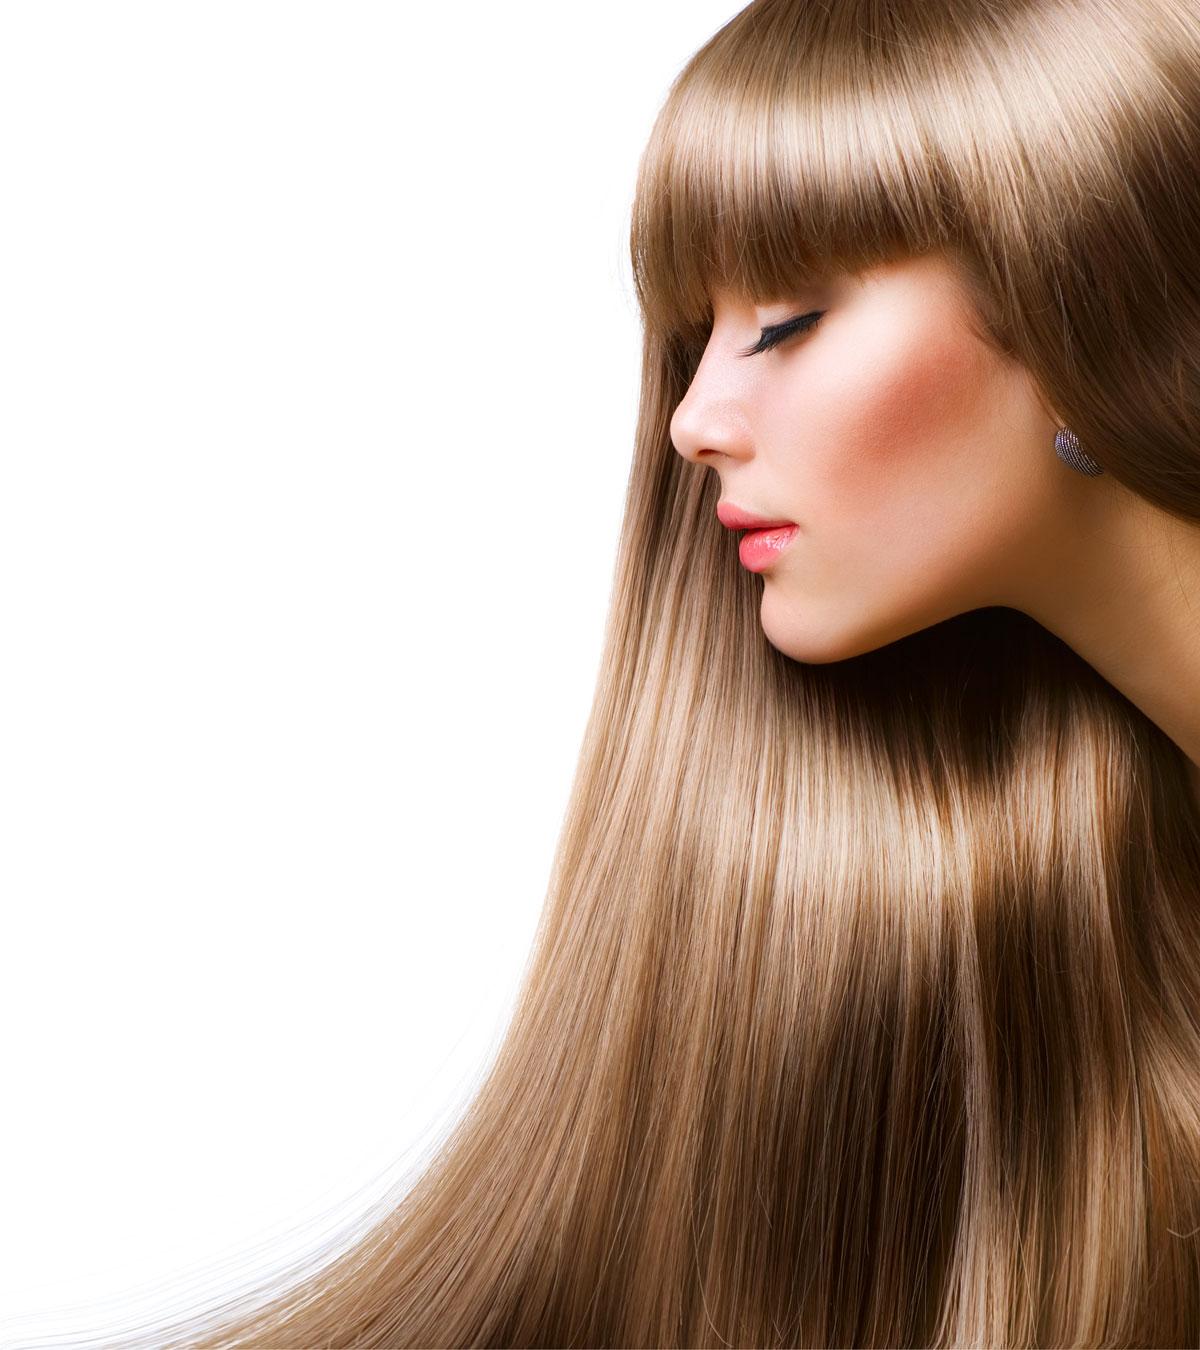 موهای آسیب دیده از ناشی از تابش آفتاب ، آموزش آرایشگری زنانه